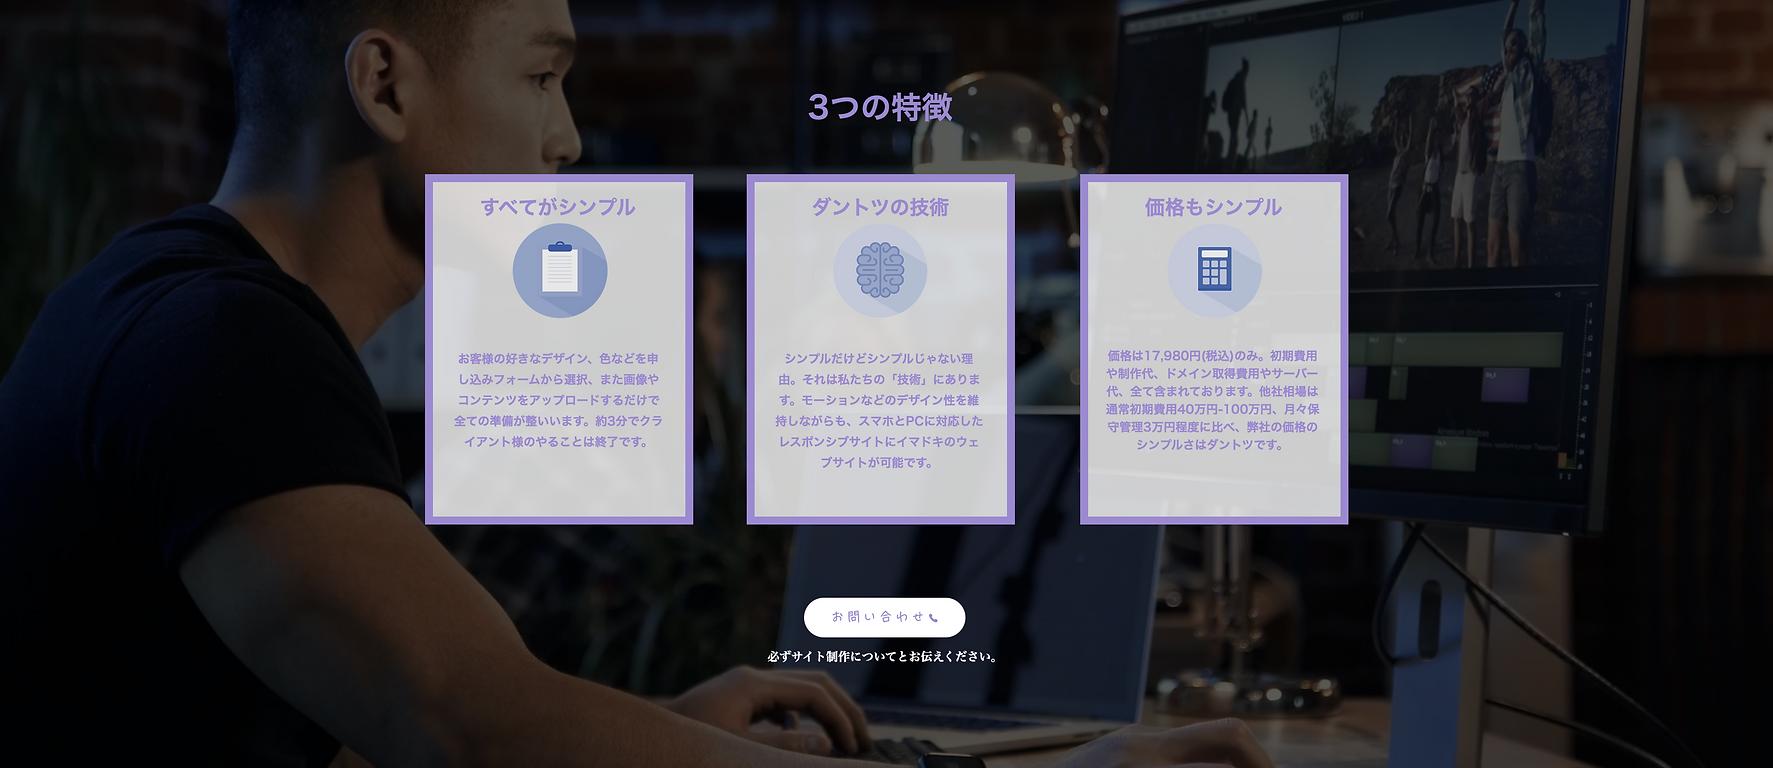 スクリーンショット 2021-09-29 16.24.53.png